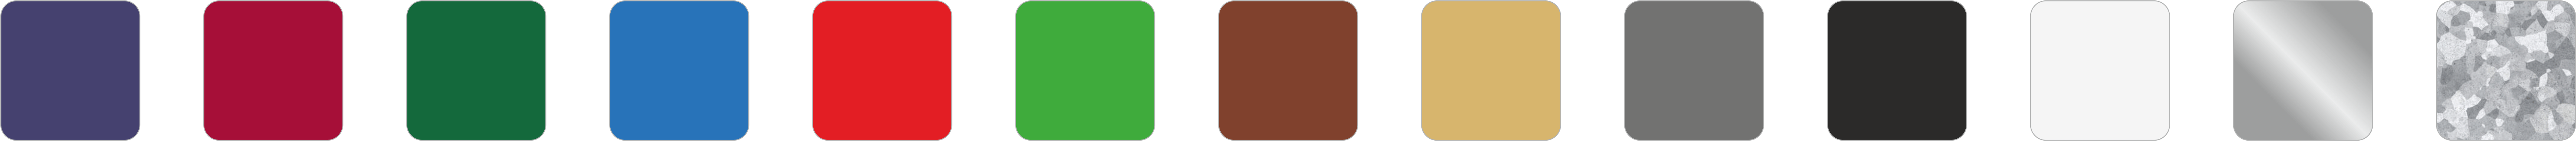 Colores lacados